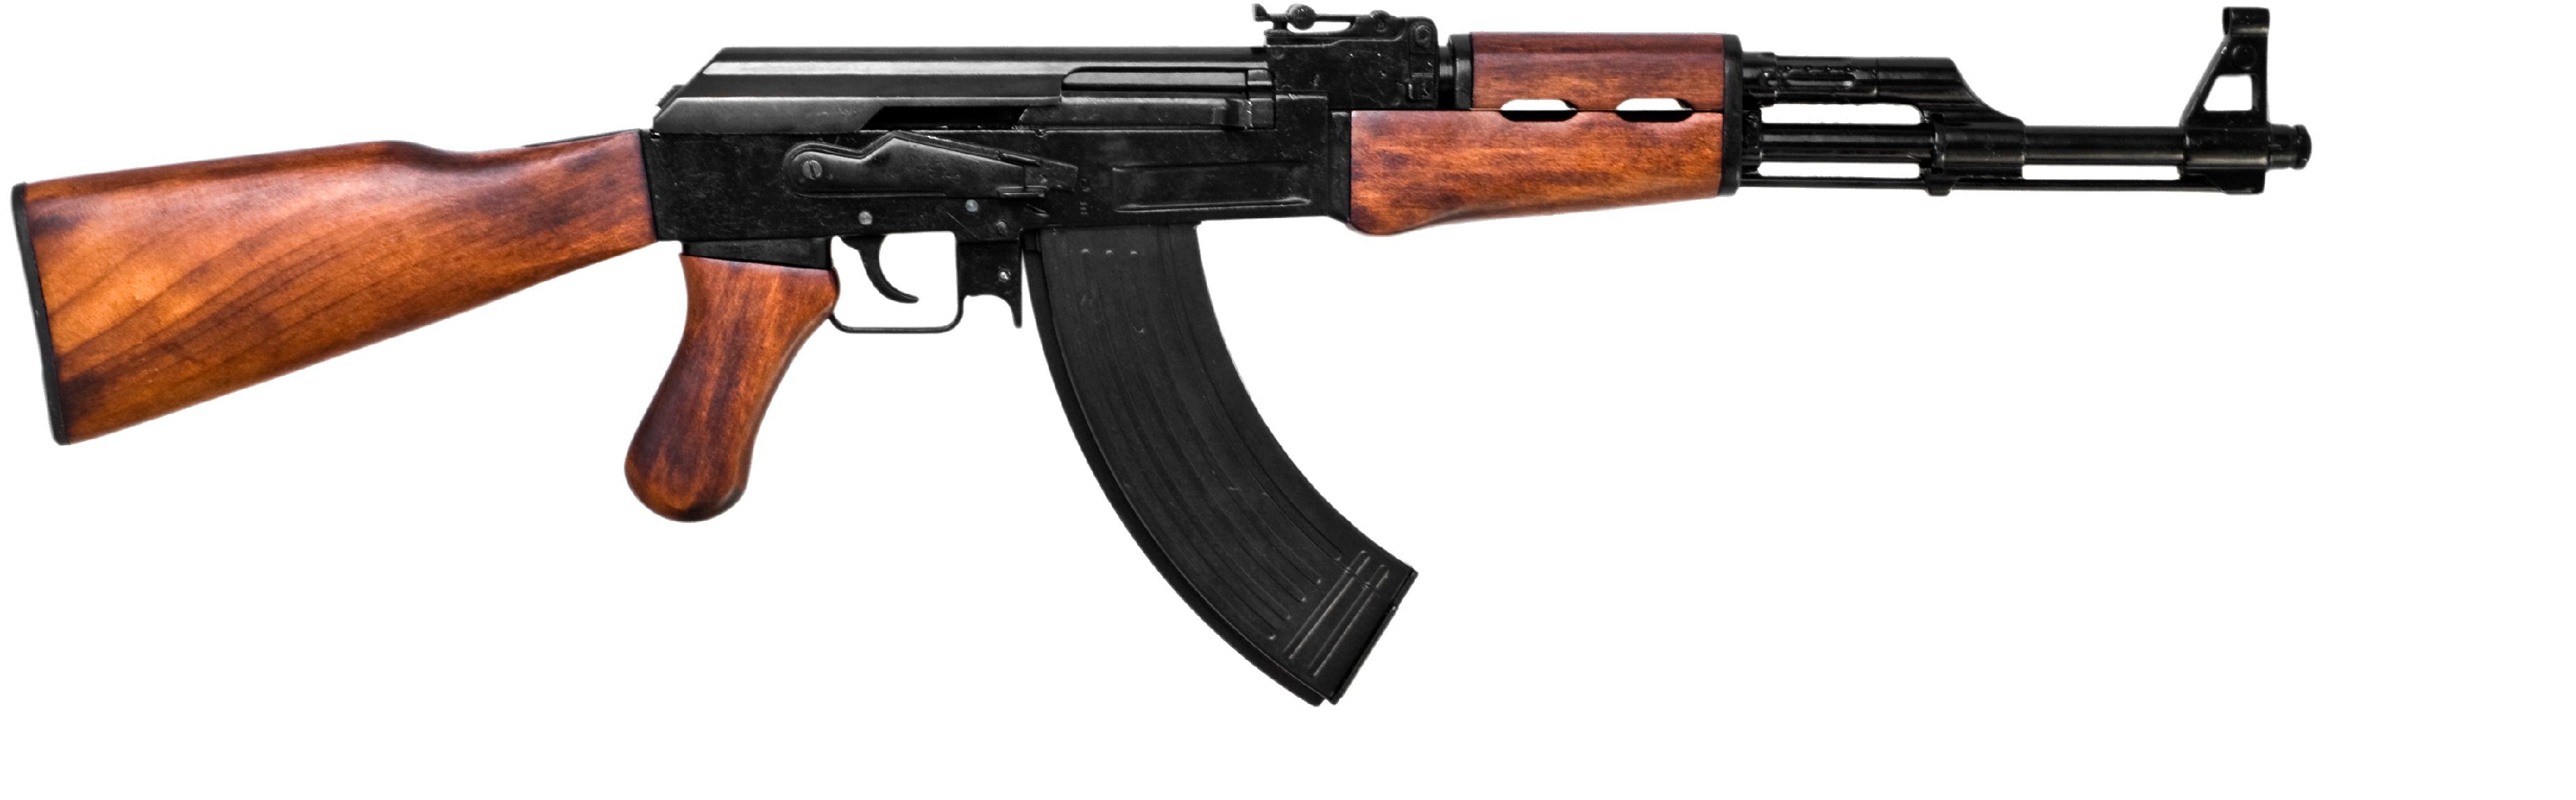 Guns clipart transparent background. Wooden assault rifle png